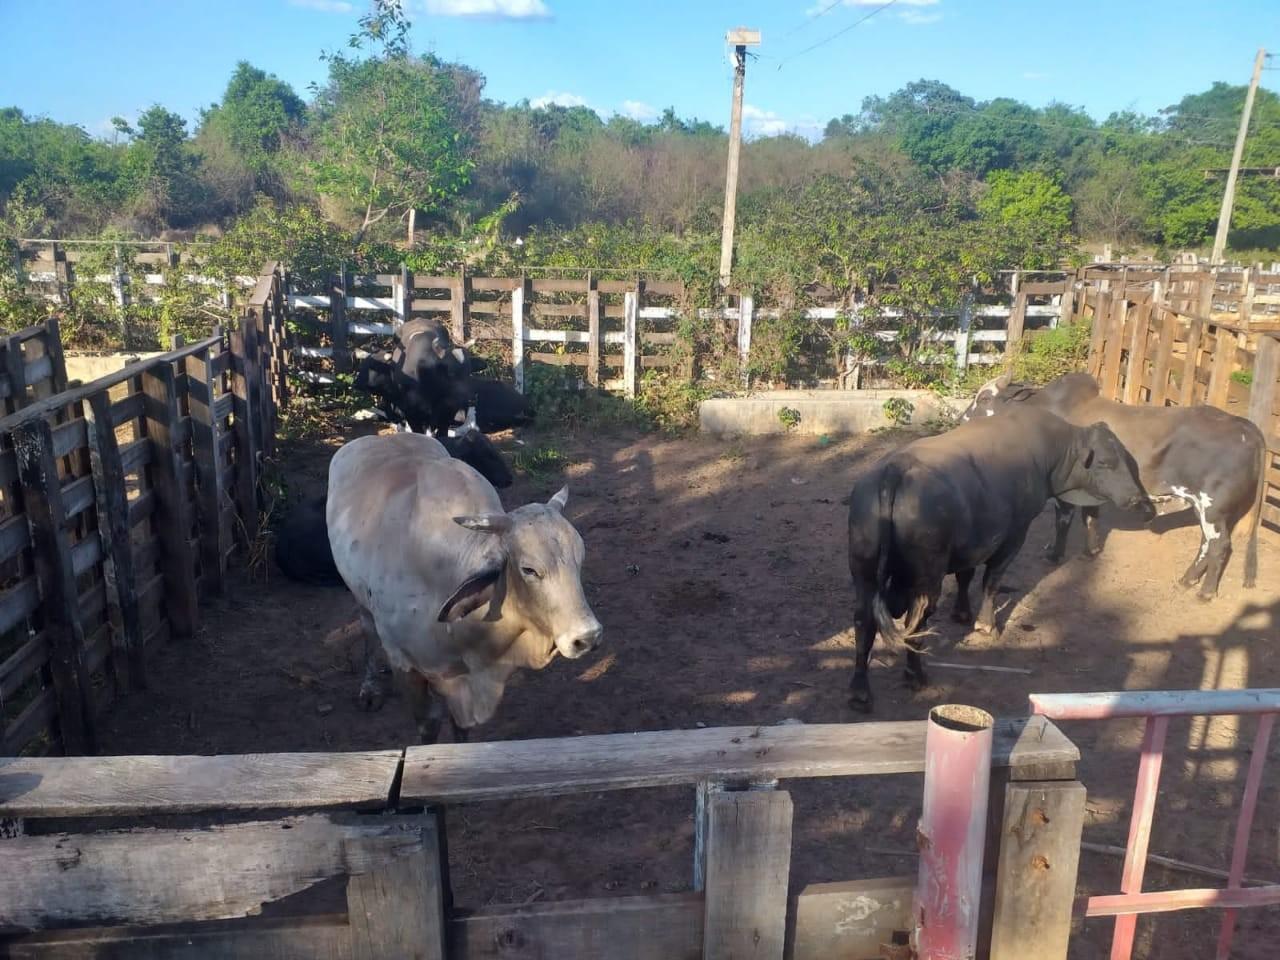 Polícia Militar localiza no Piauí 14 touros furtados de fazenda no Ceará